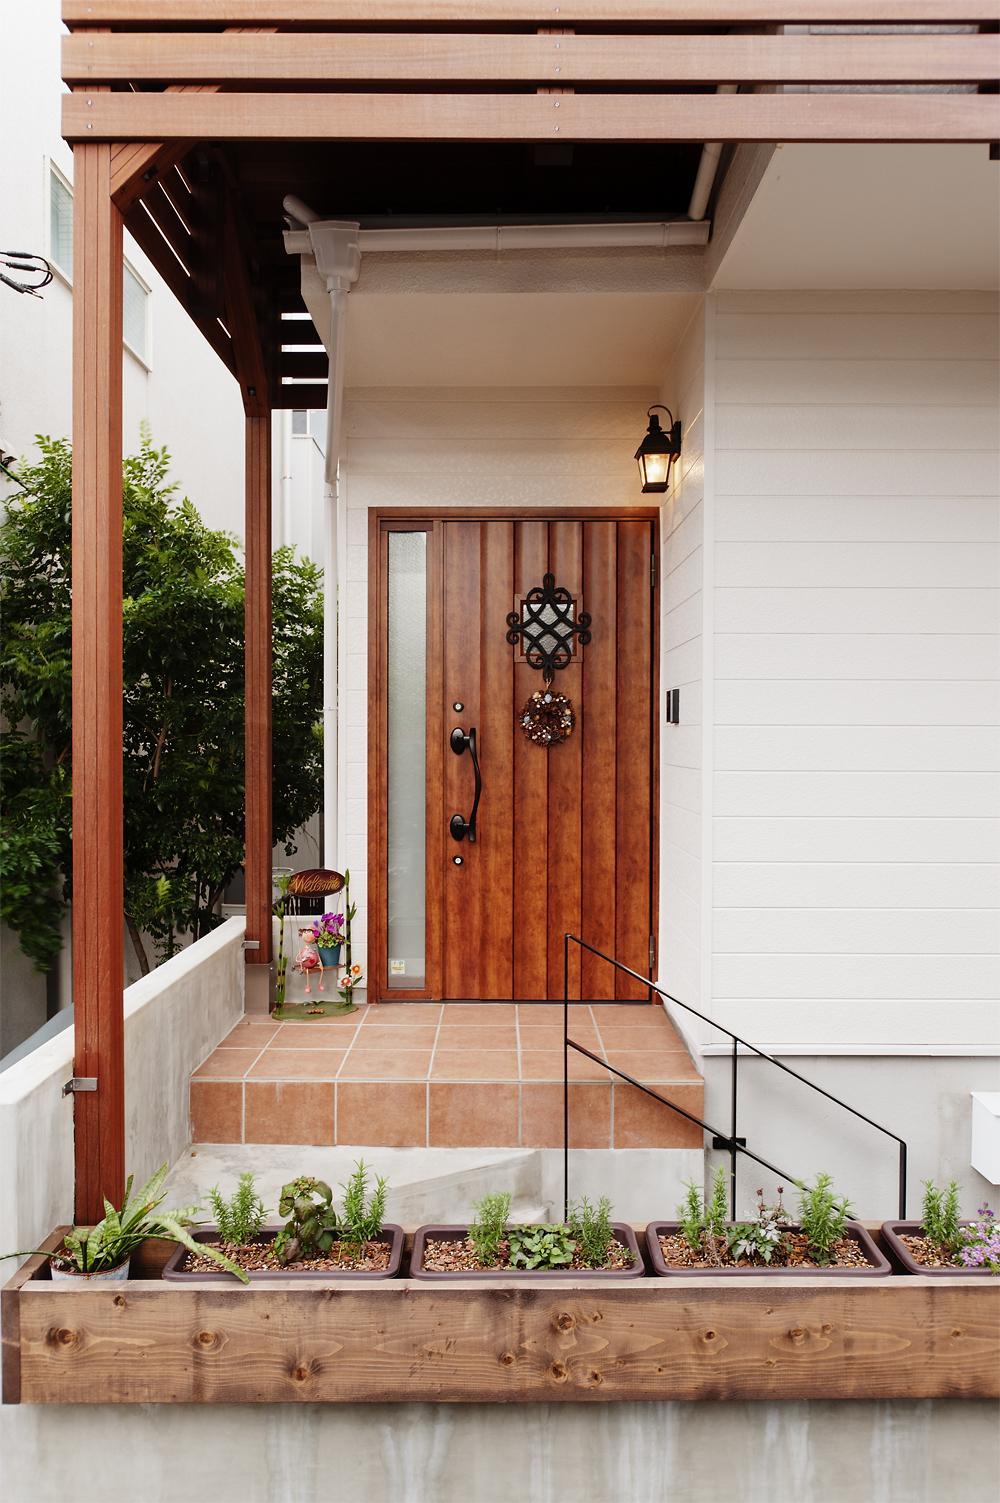 T邸・家族のくらしをより楽しく豊かにするとっておきの家の部屋 フラワーボックスを設えた玄関ポーチ